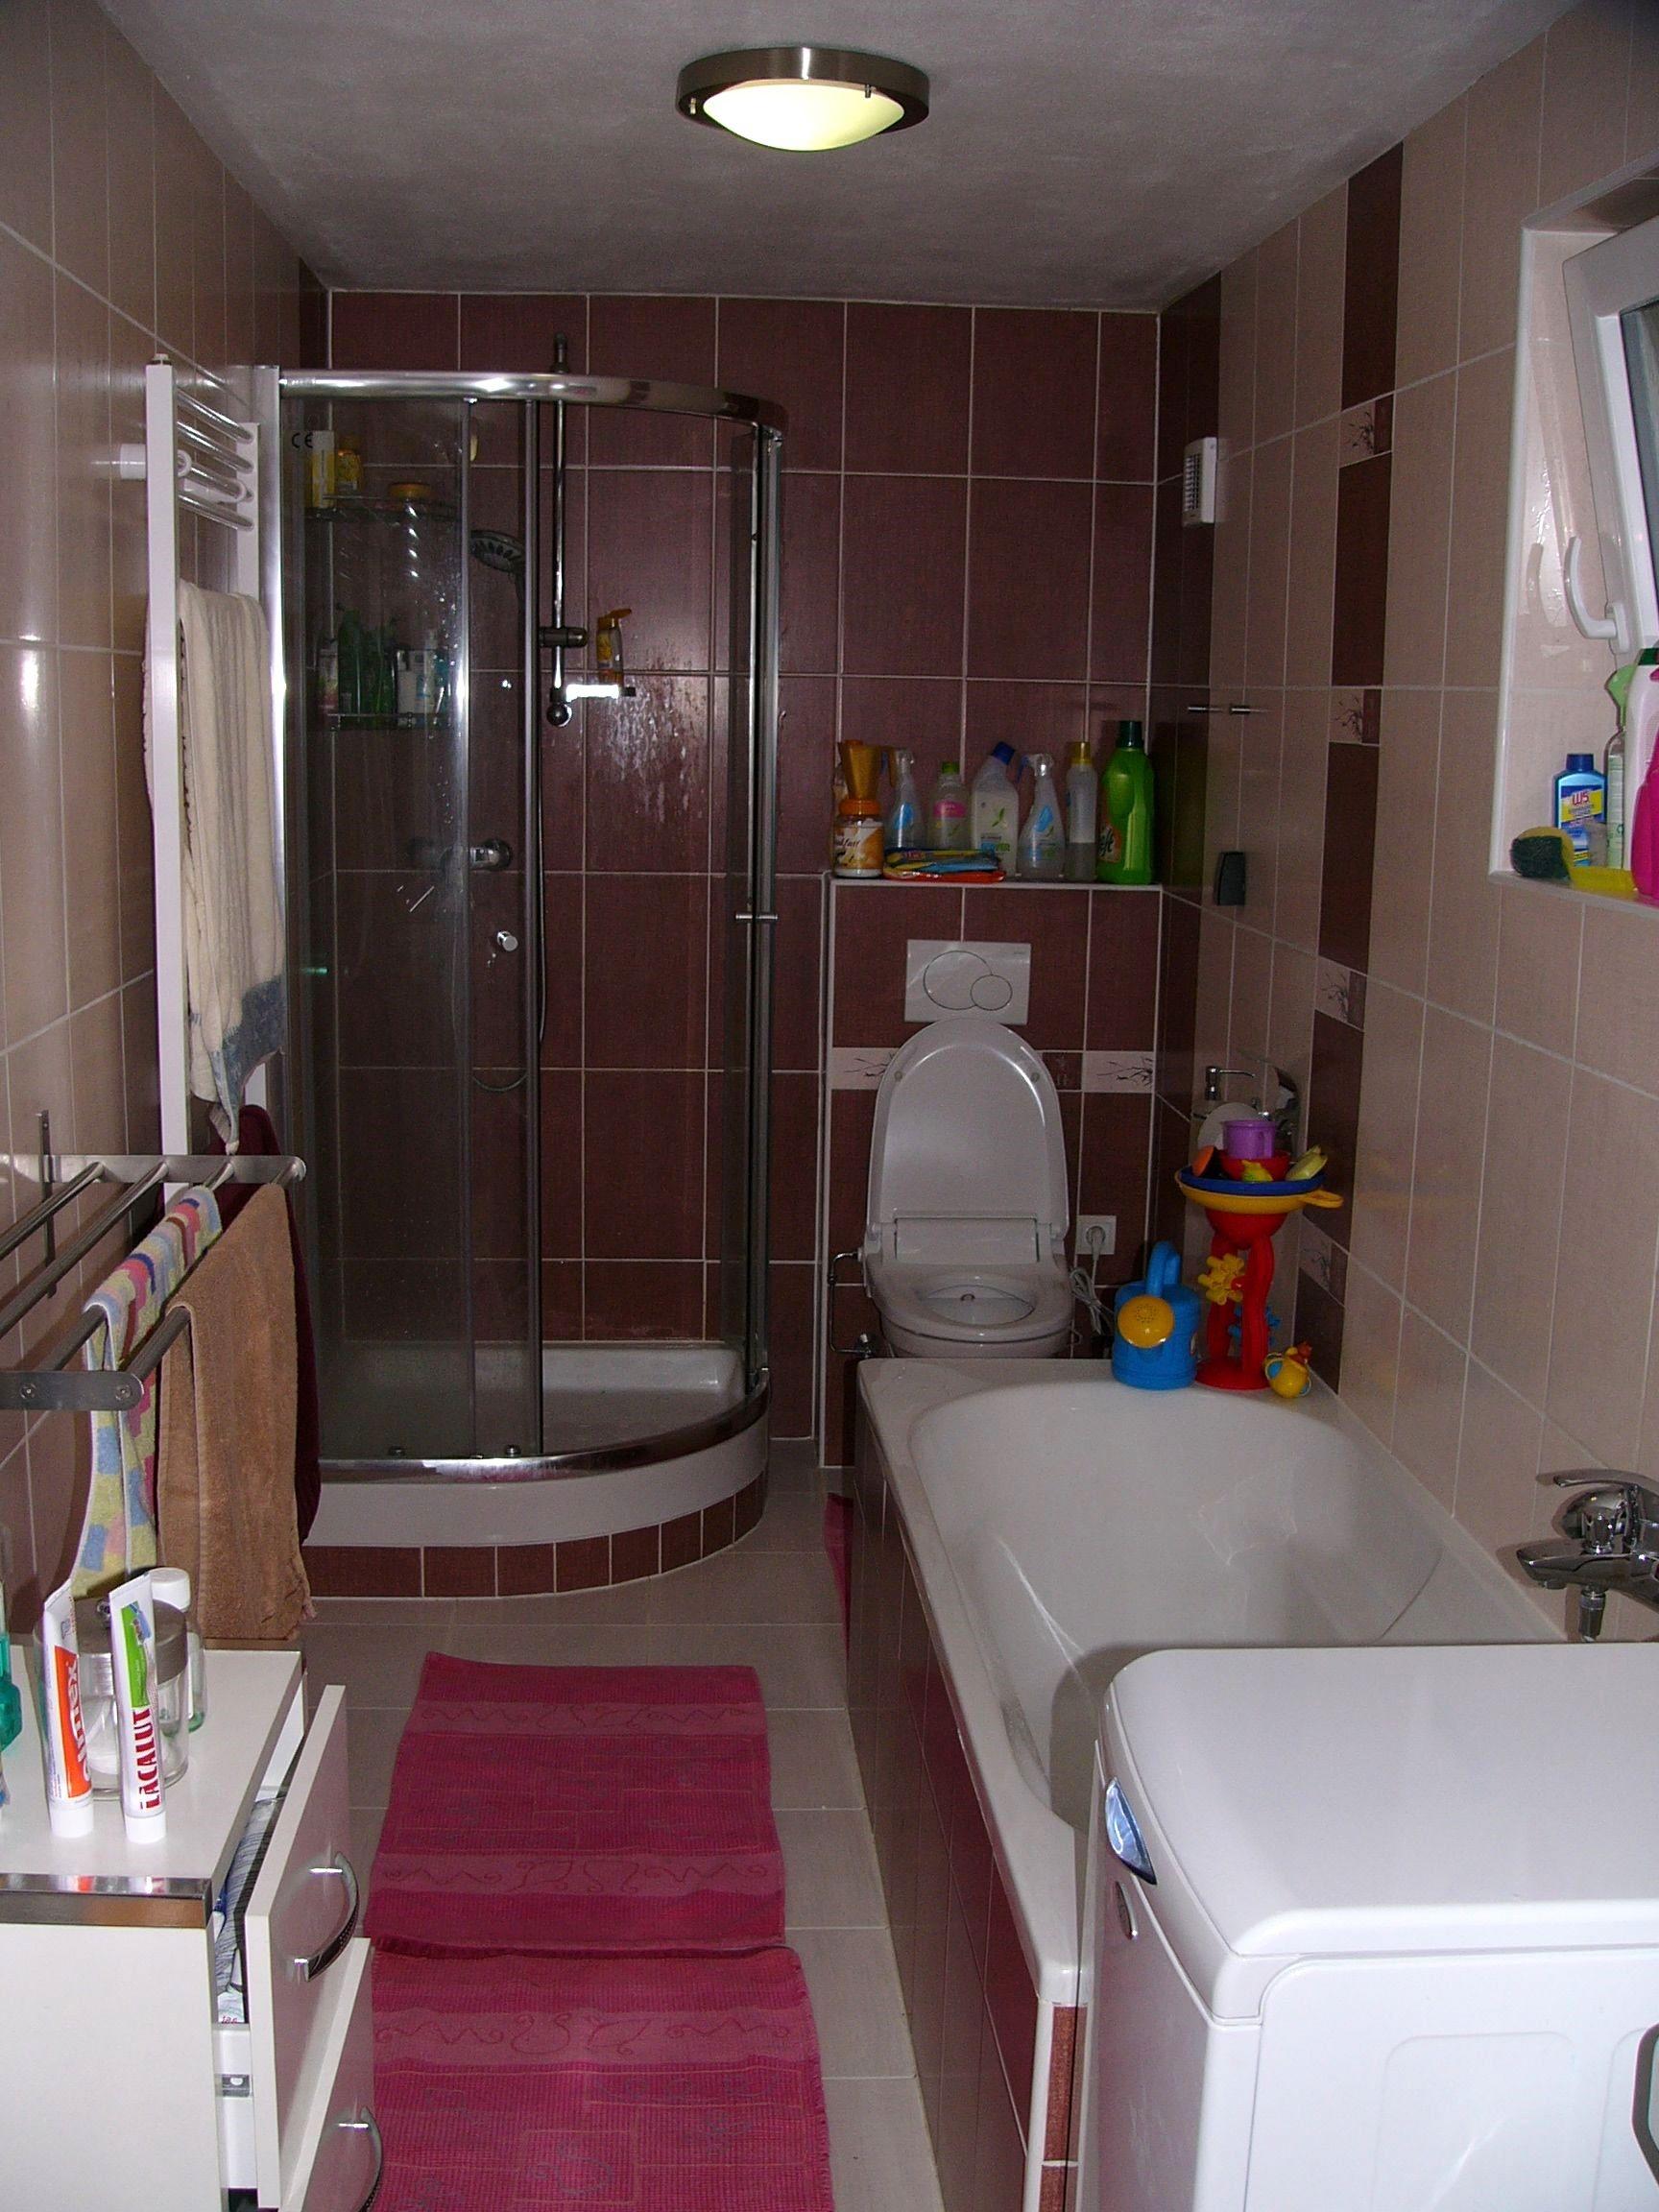 Vošiel sa nám aj sprchovací kút. Miernou nevýhodou je, že máme WC spoločné s kúpeľňou. Na bidet už miesto neostalo, ale to sme vyriešili bidetovou záchodovou doskou, naozaj praktická vec.